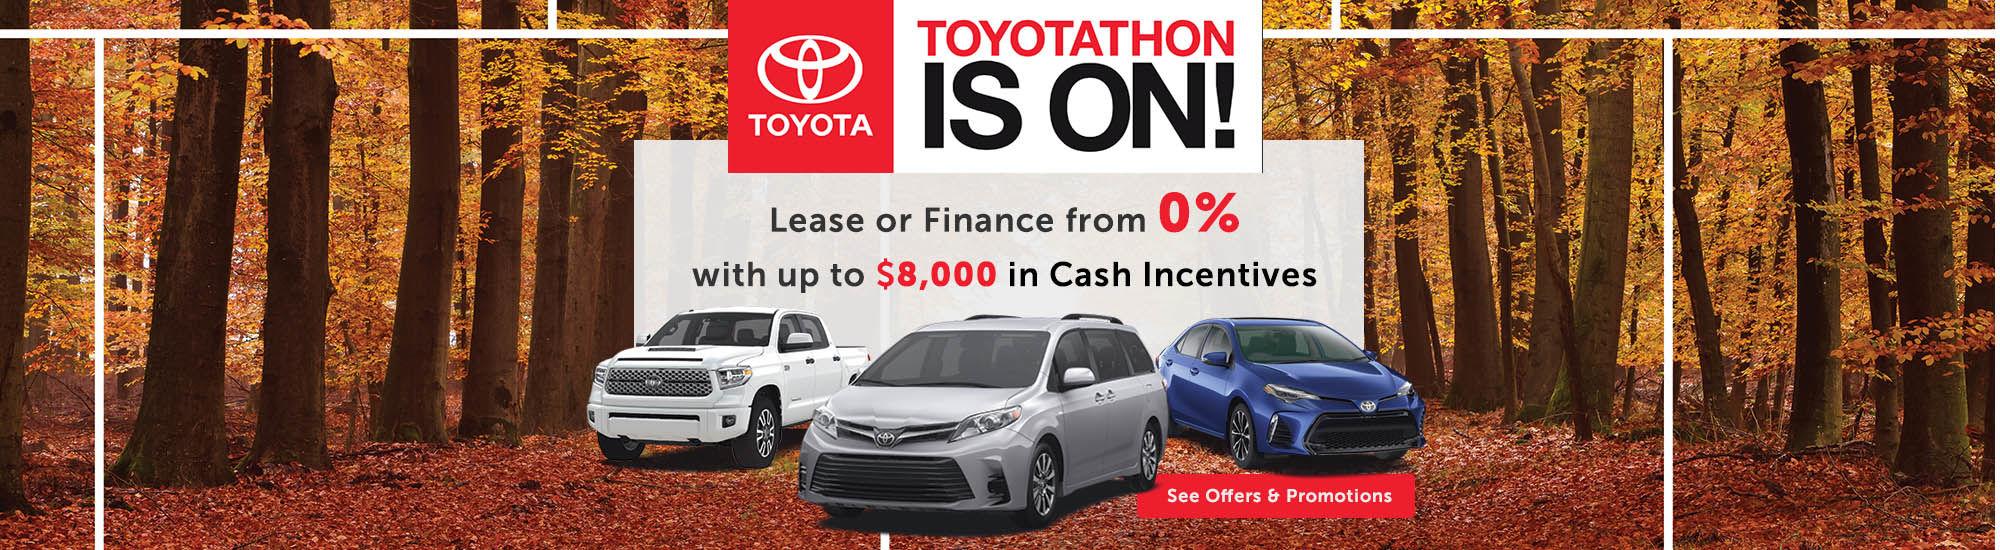 Toyotathon is 0n